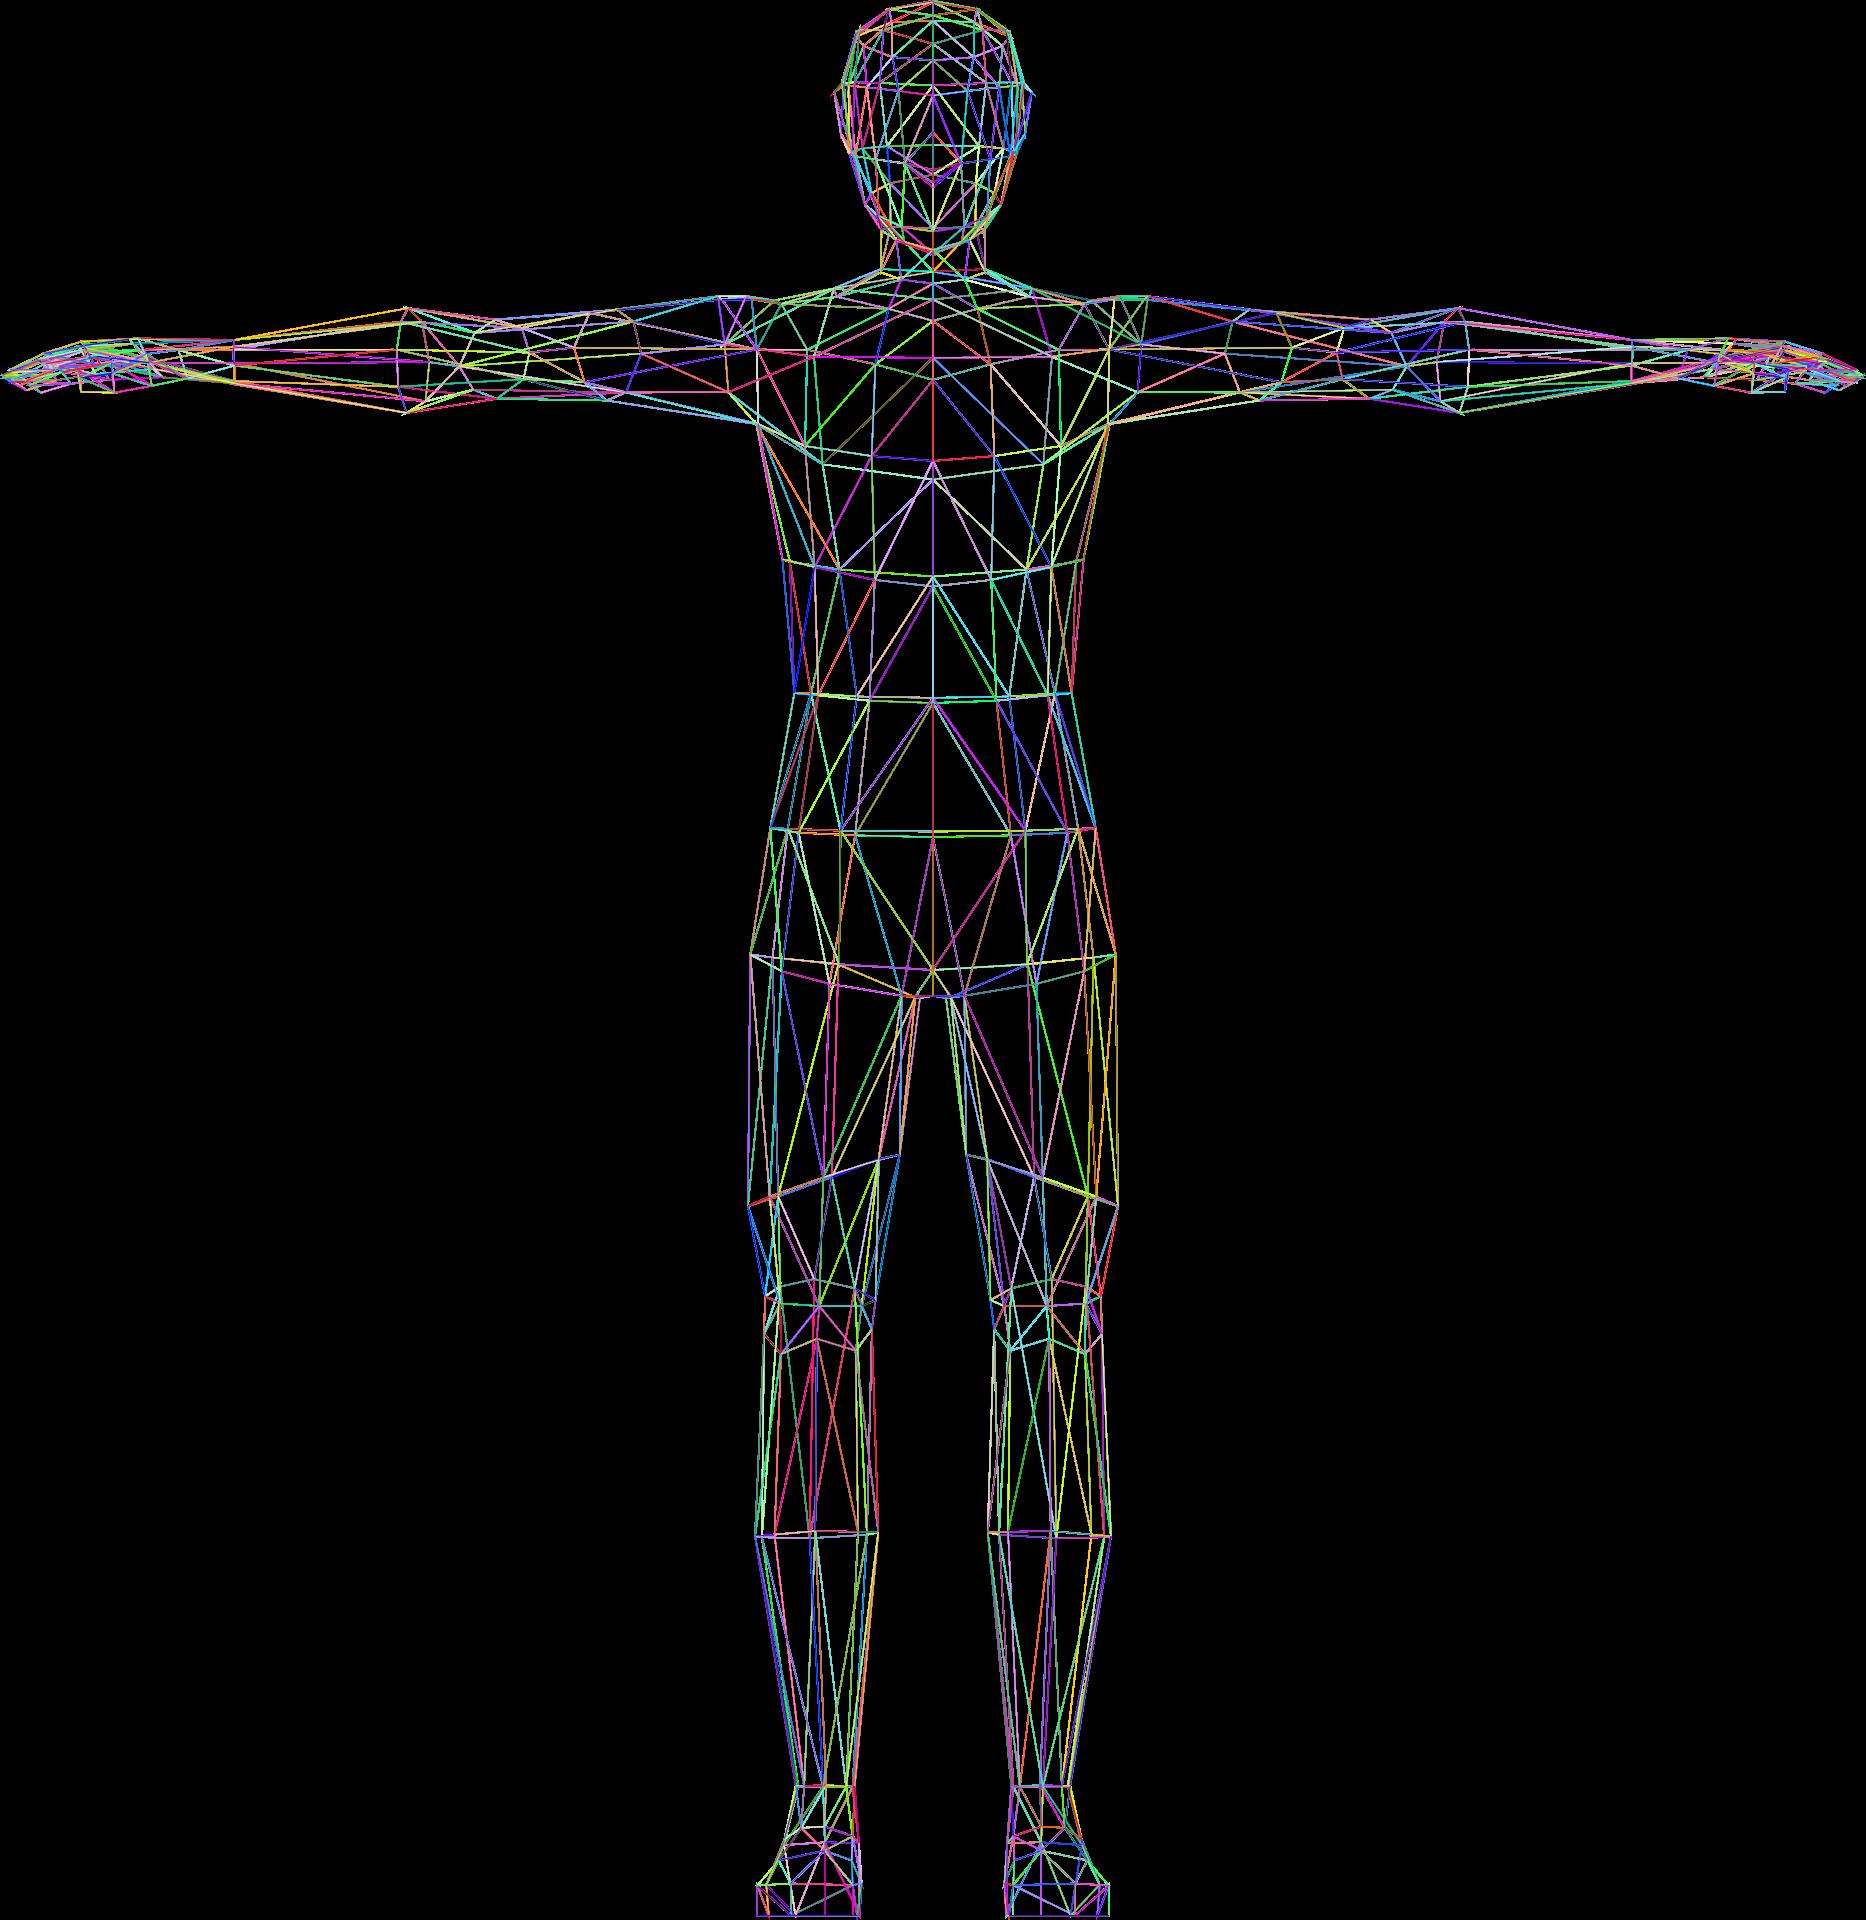 blij zijn met je lichaam functies